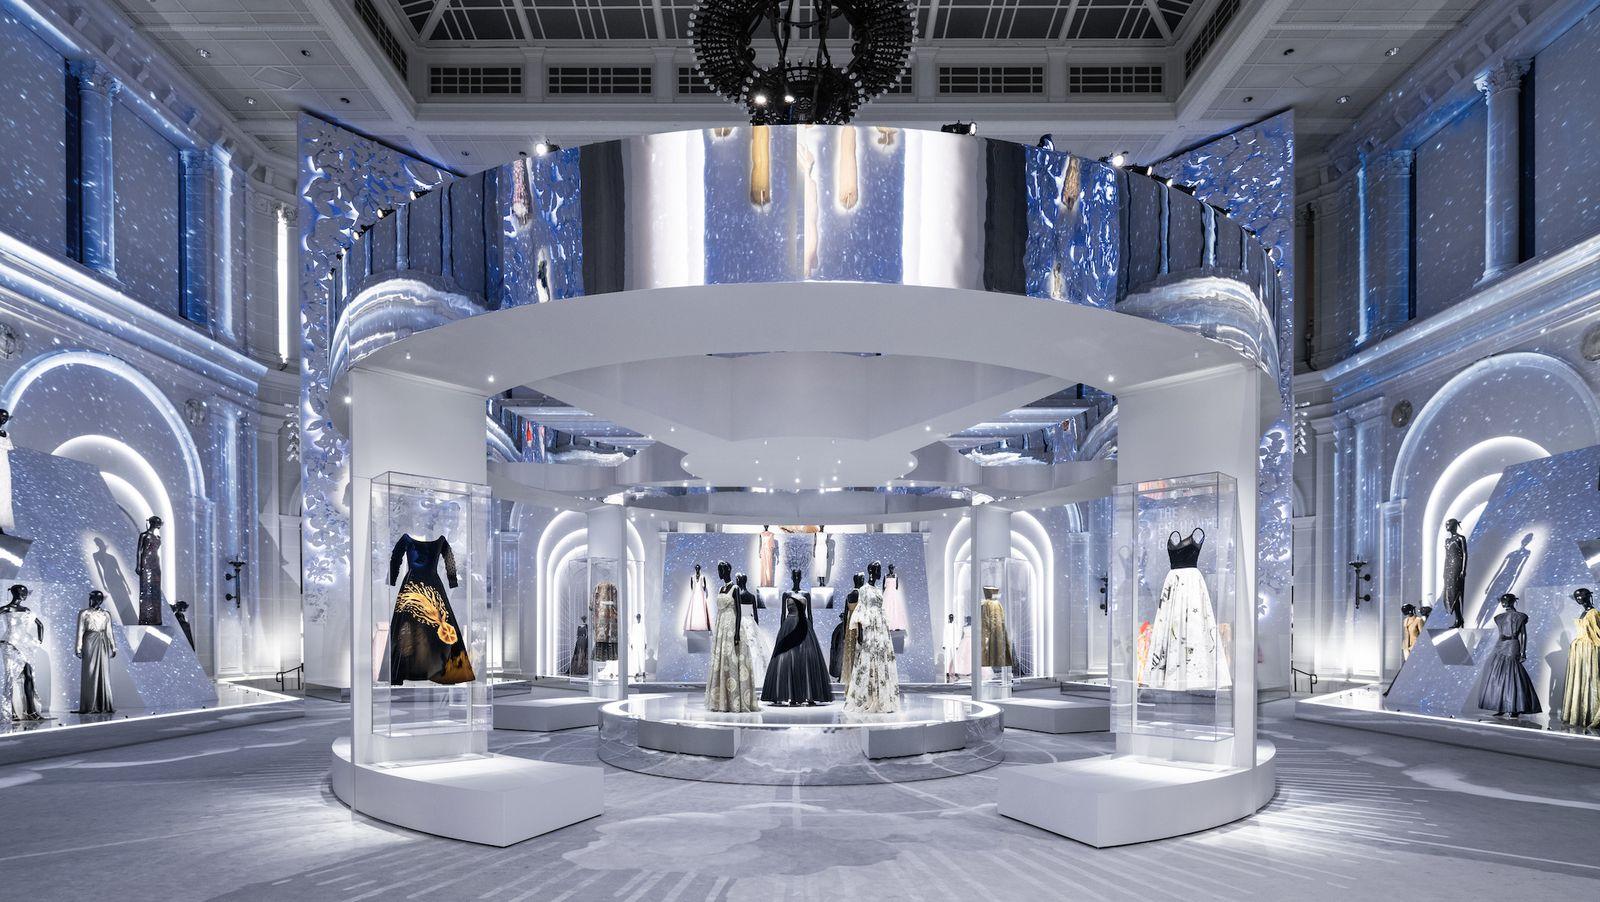 """Những """"thiết kế giấc mơ"""" của Dior được trưng bày lộng lẫy trước công chúng - 1"""